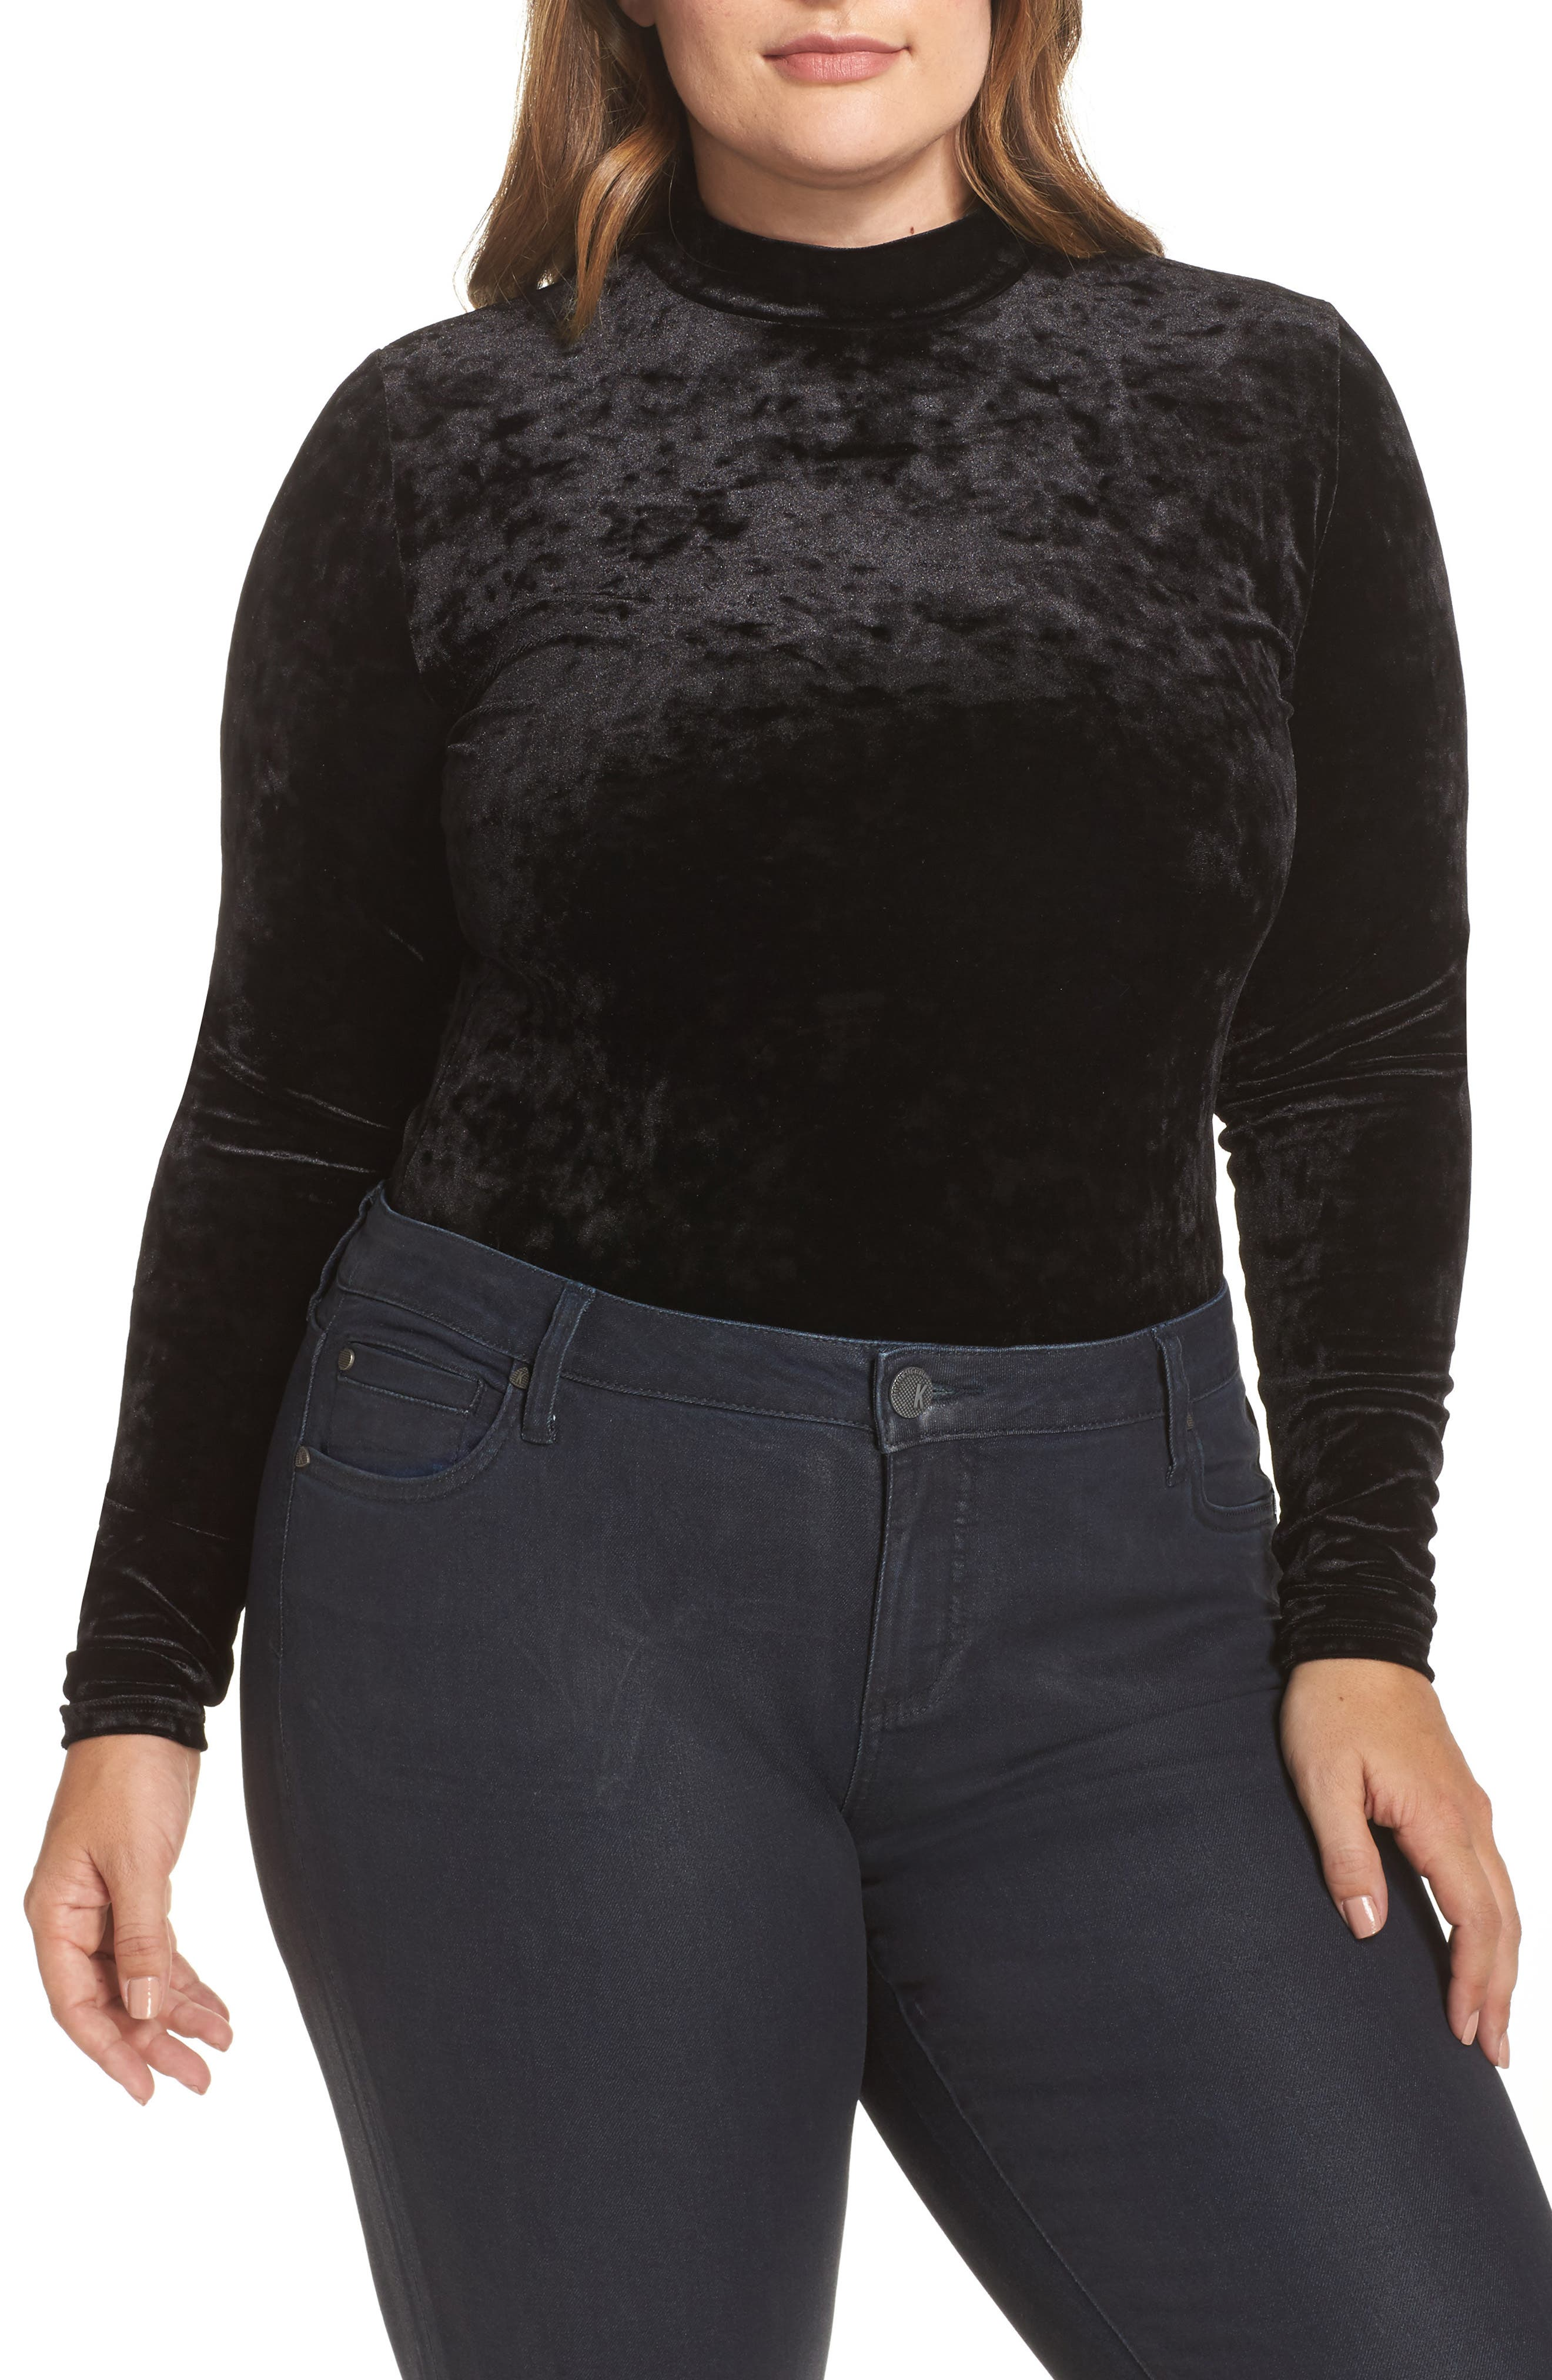 Velvet Thong Bodysuit,                             Alternate thumbnail 4, color,                             Black